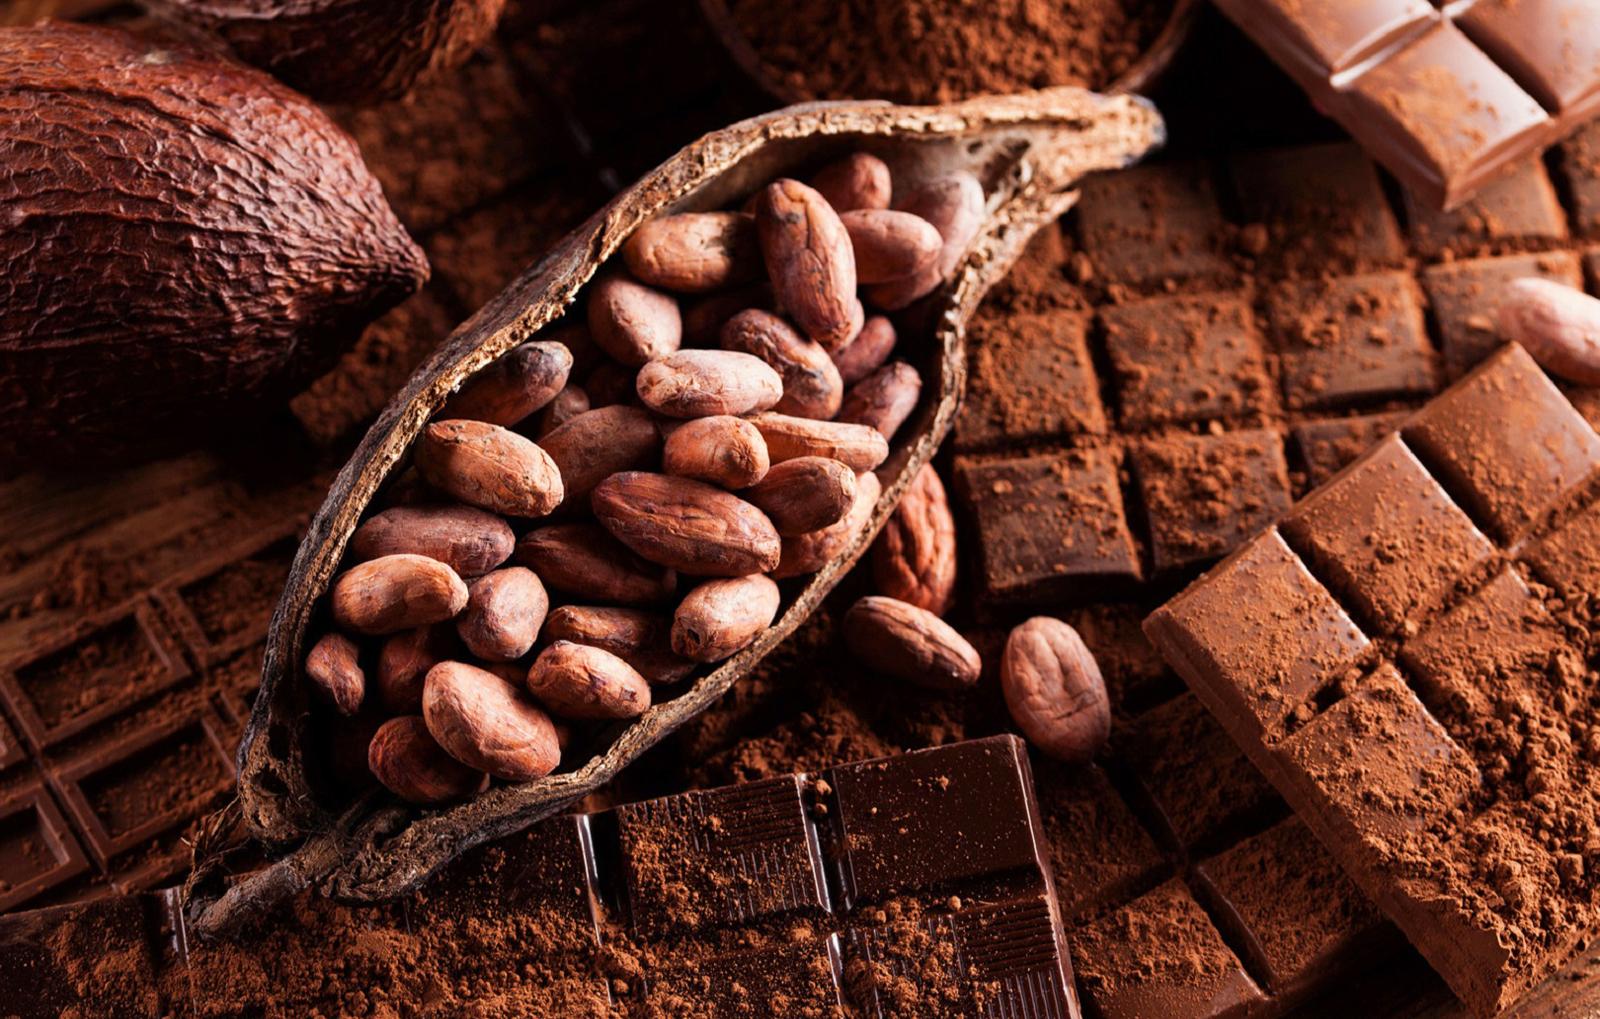 wein-schokolade-sasbachwalden-bg11625131518